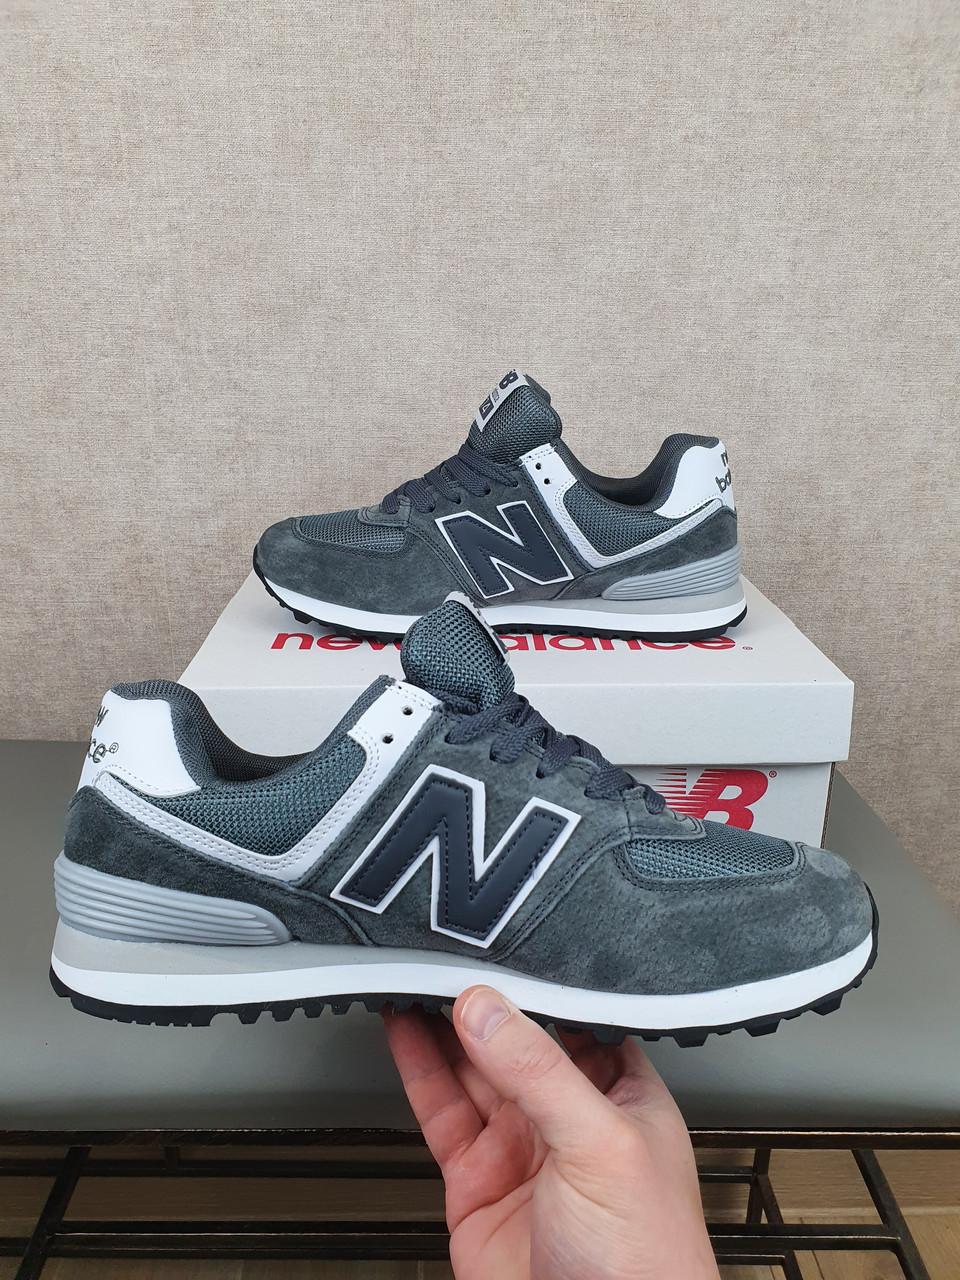 Кросівки чоловічі New Balance 574 чорні замшеві з сіточкою. Кроси Нью Беленс 574 (Нью Баланс 574)